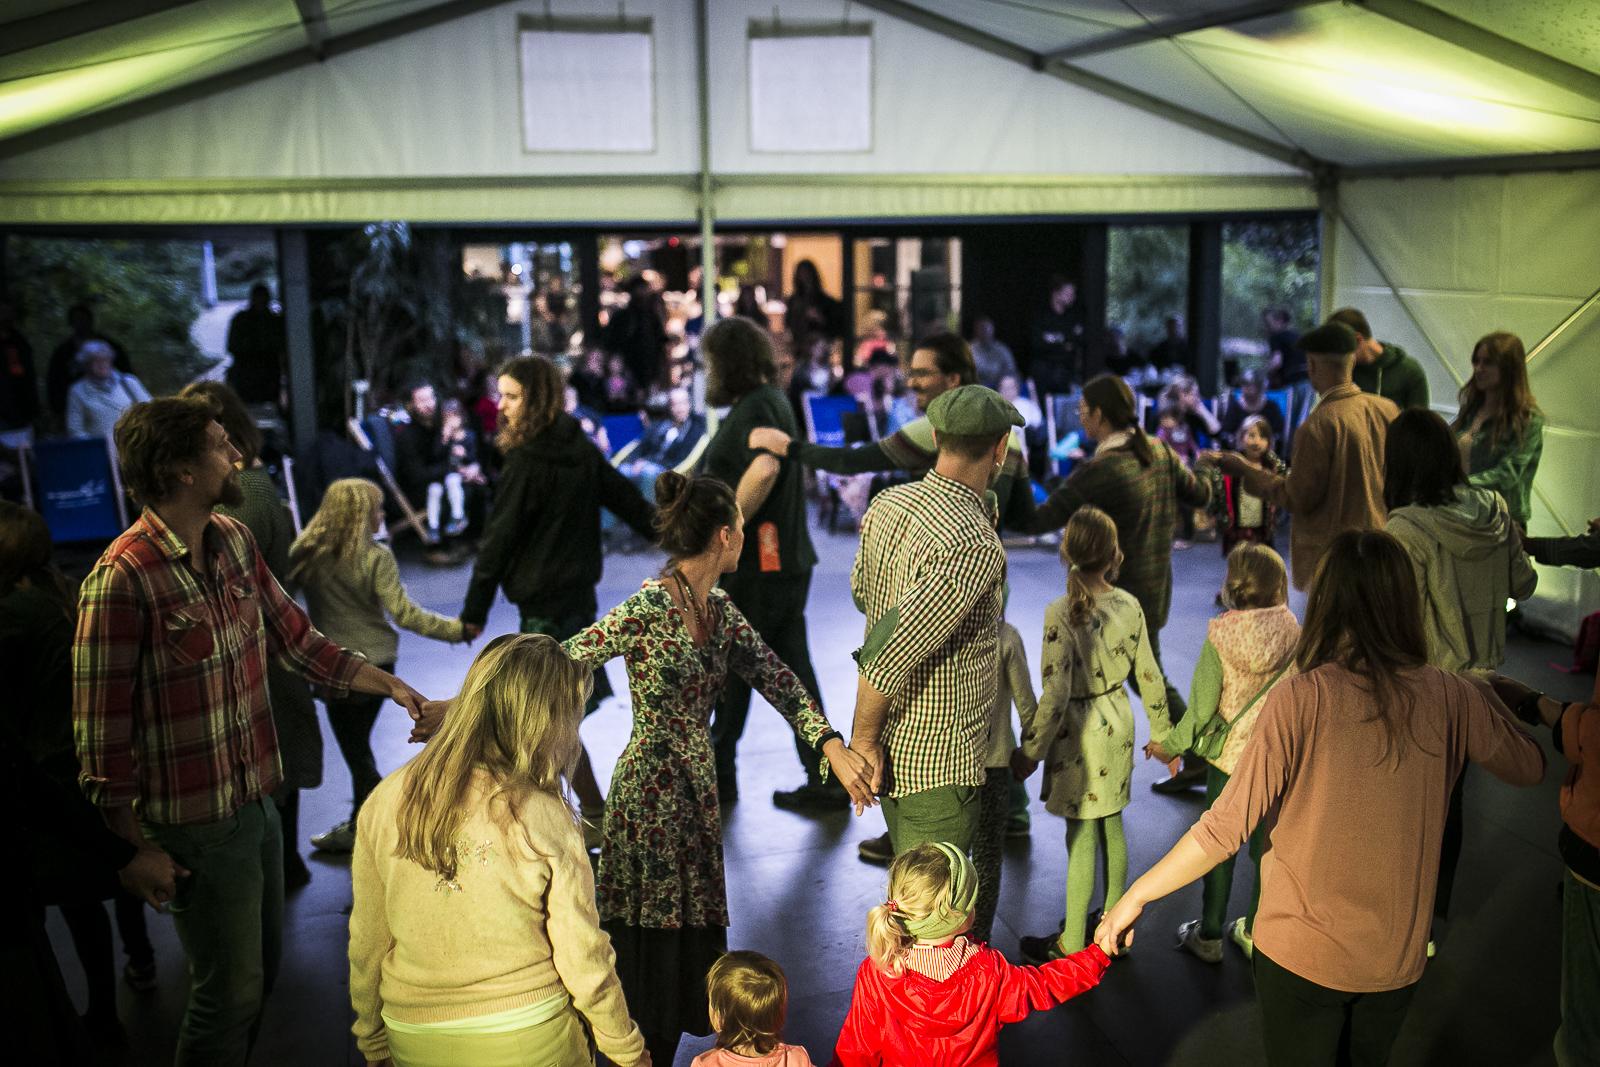 на фото видны танцующие под шатром люди. Участники, в том числе дети, танцуют в кругу, держась за руки, на заднем плане культурный павильон изрители, сидящие в шезлонгах